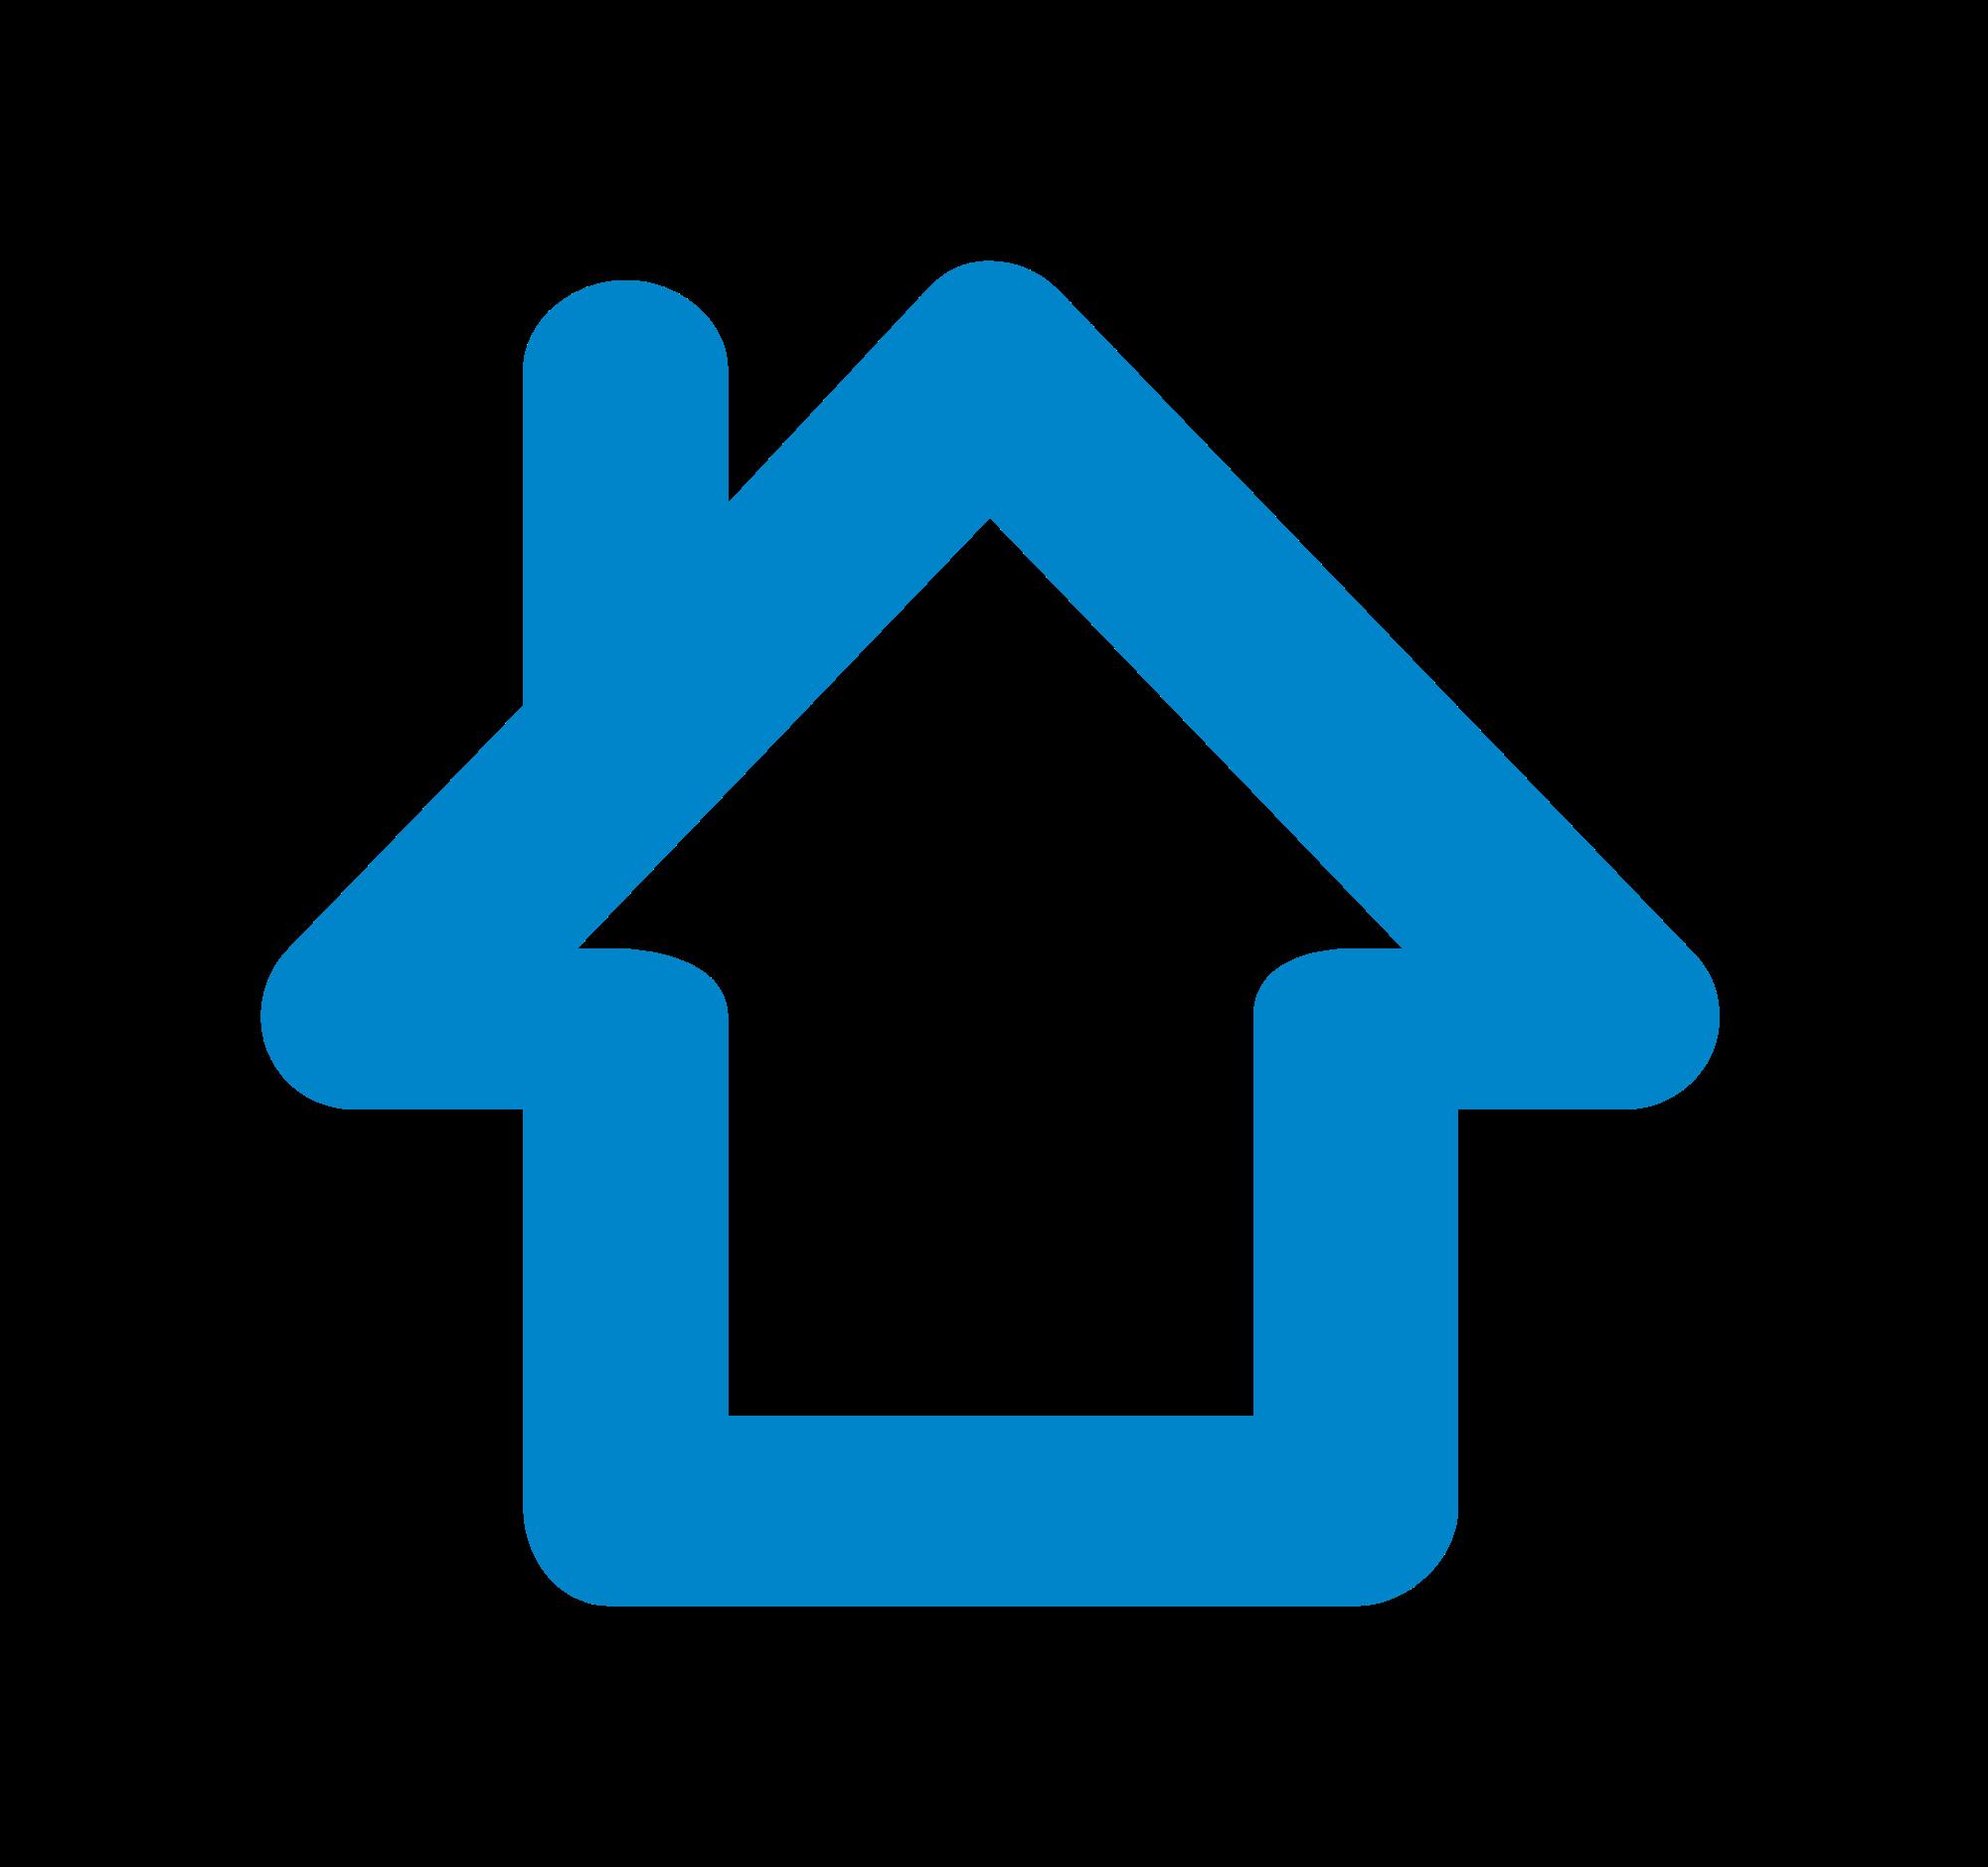 logo (82).png